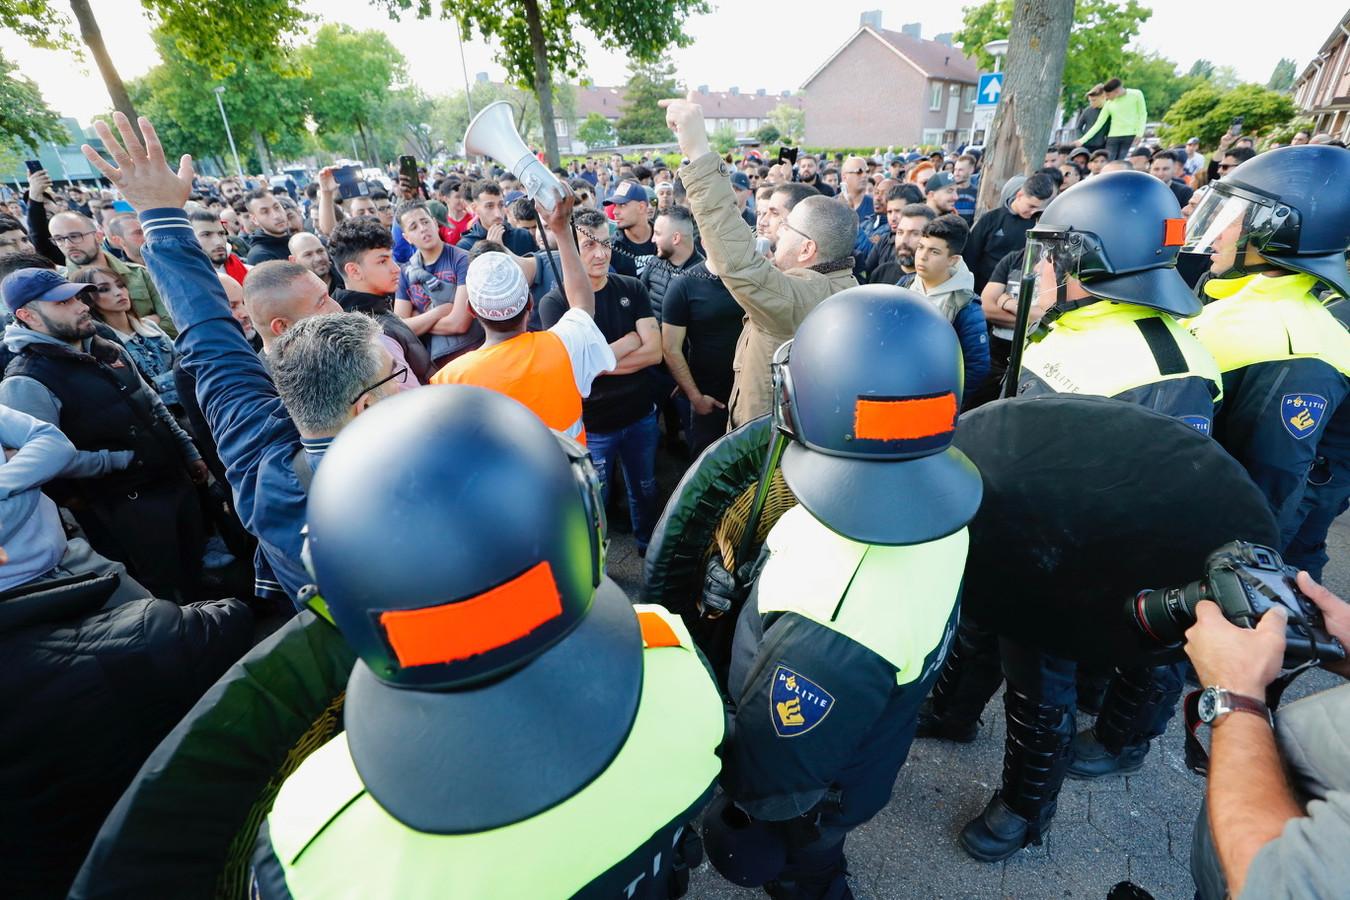 Grimmige sfeer in Eindhoven bij Pegida-demonstratie